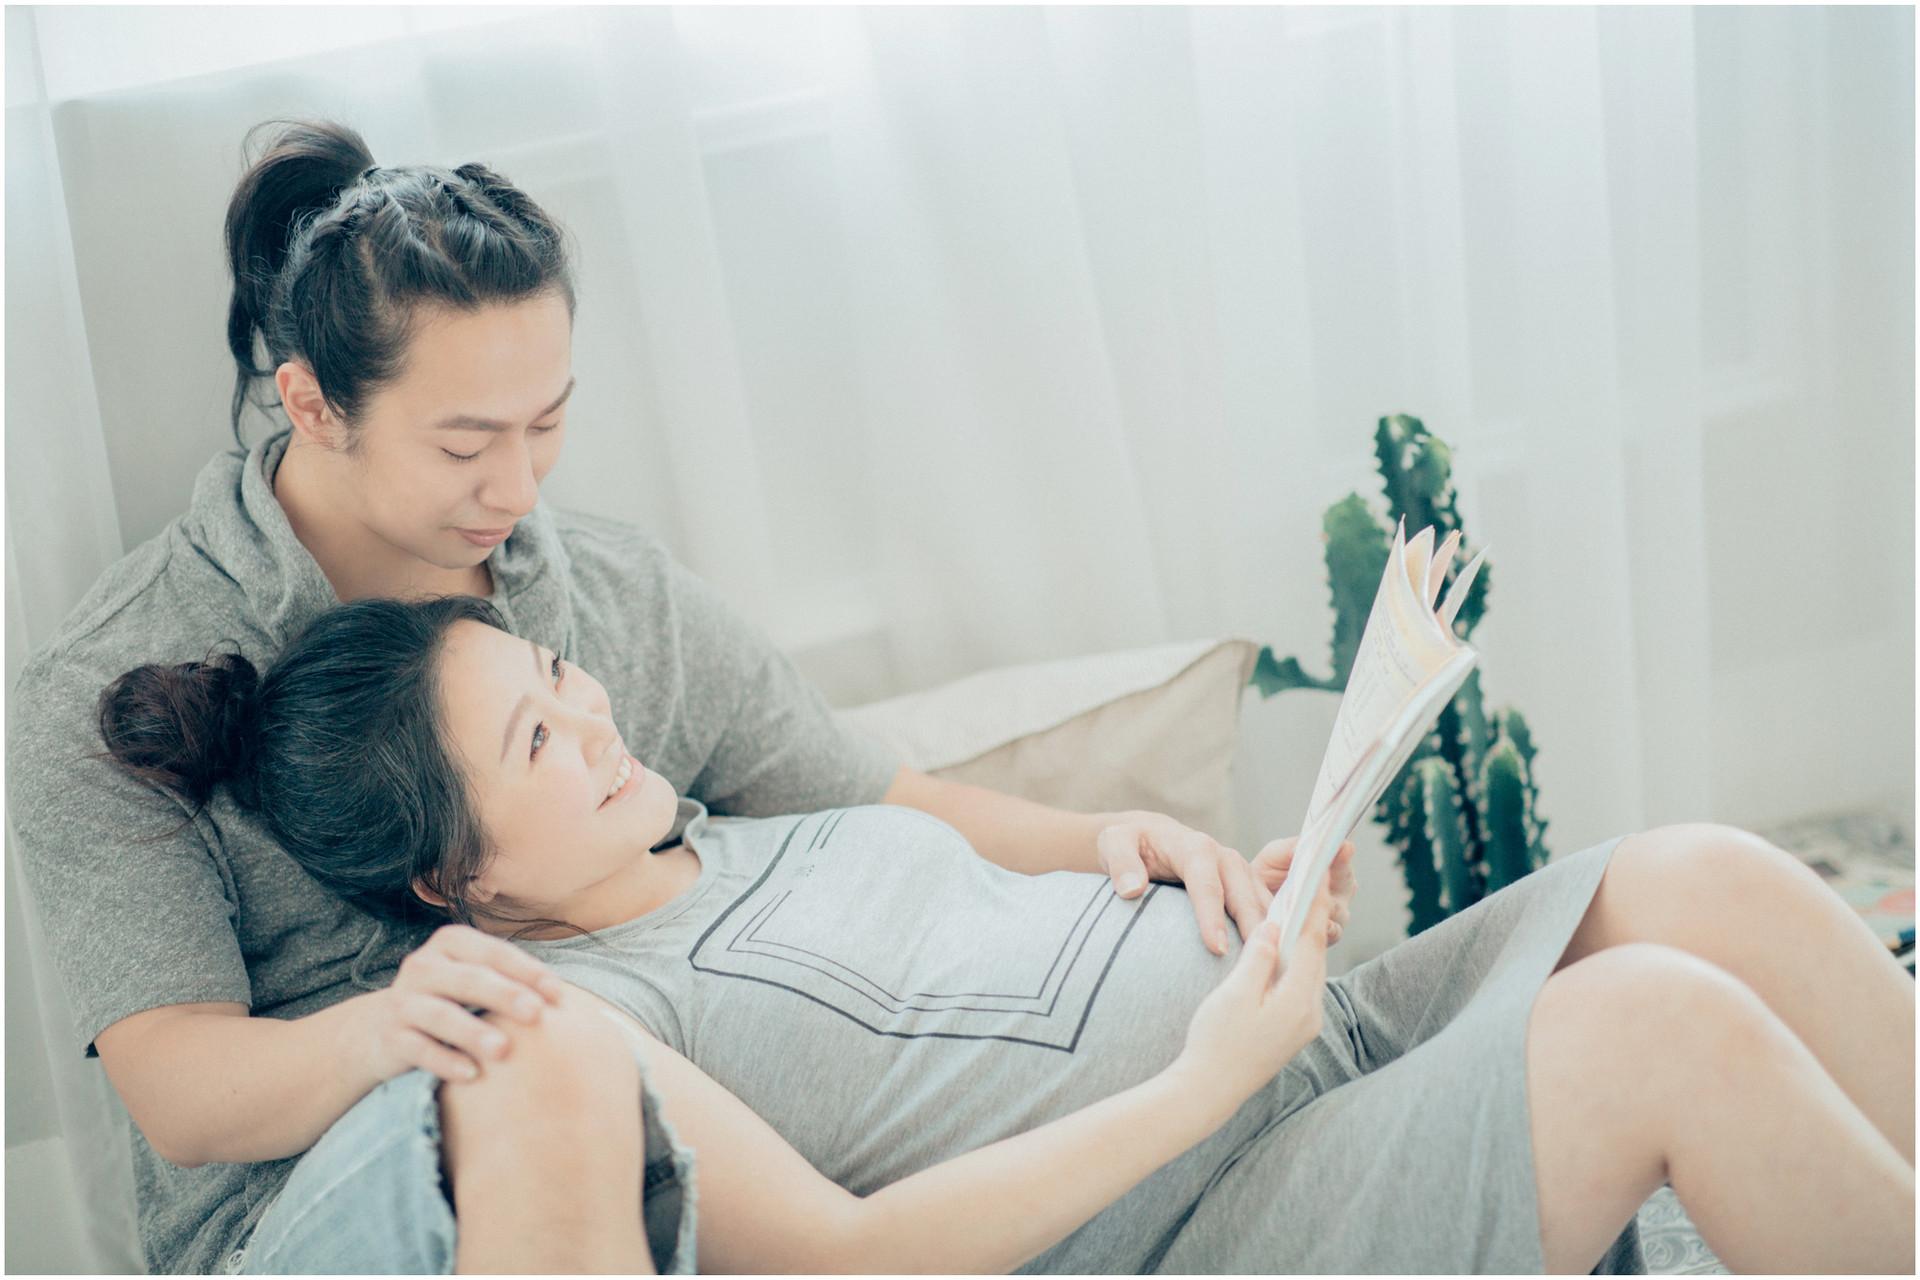 孕期寫真 / 妊娠寫真 / 清新自然 / 寵物寫真 / 素人寫真